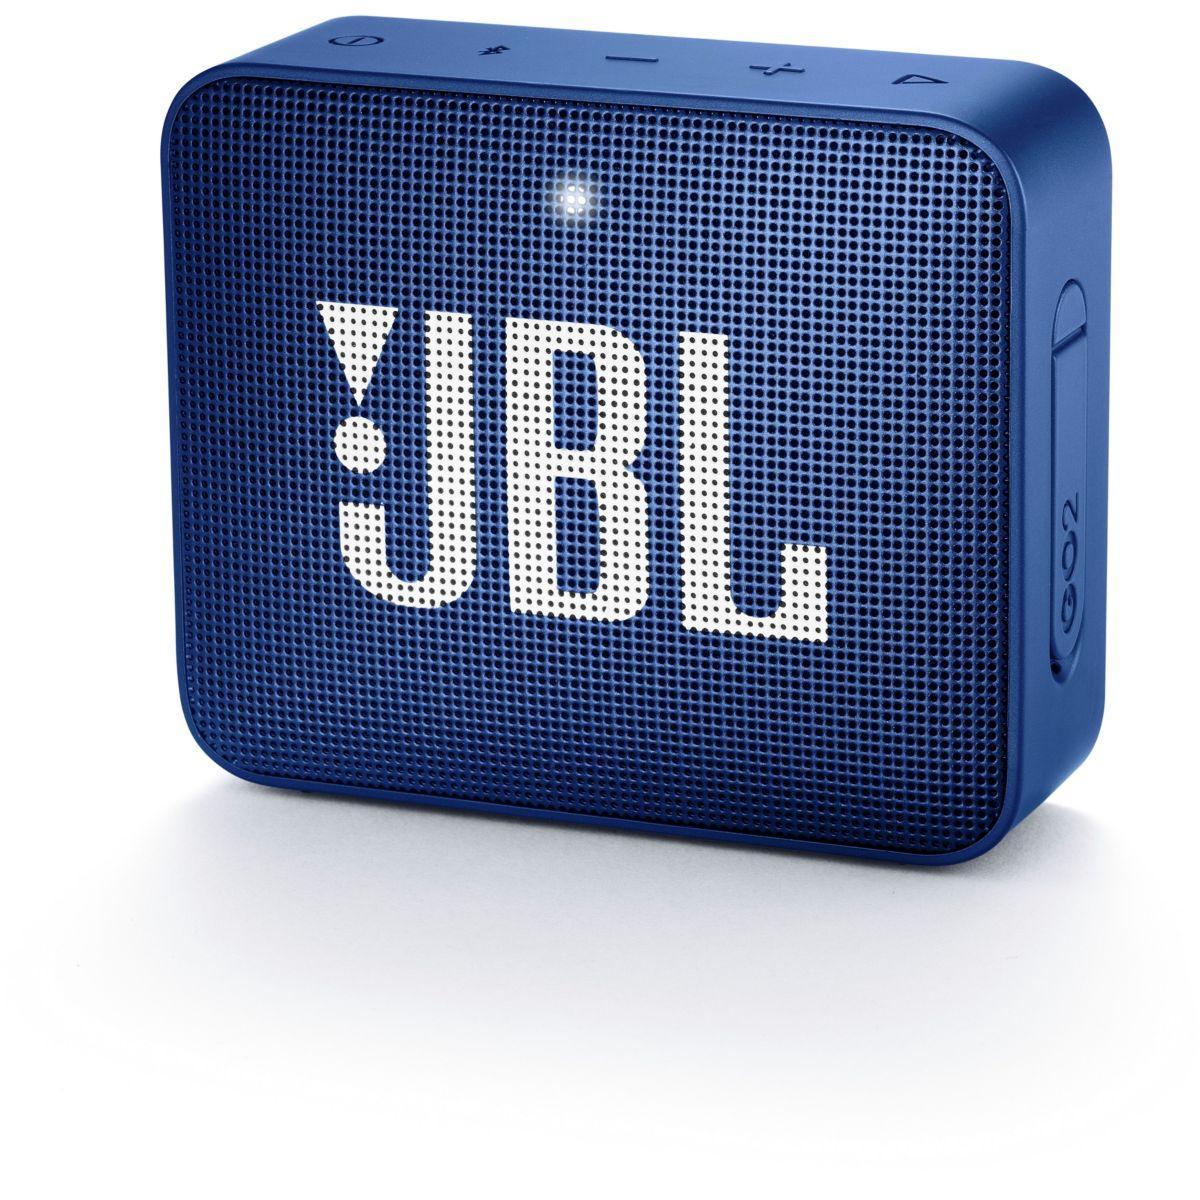 Enceinte bluetooth jbl go 2 bleu - livraison offerte : code liv (photo)